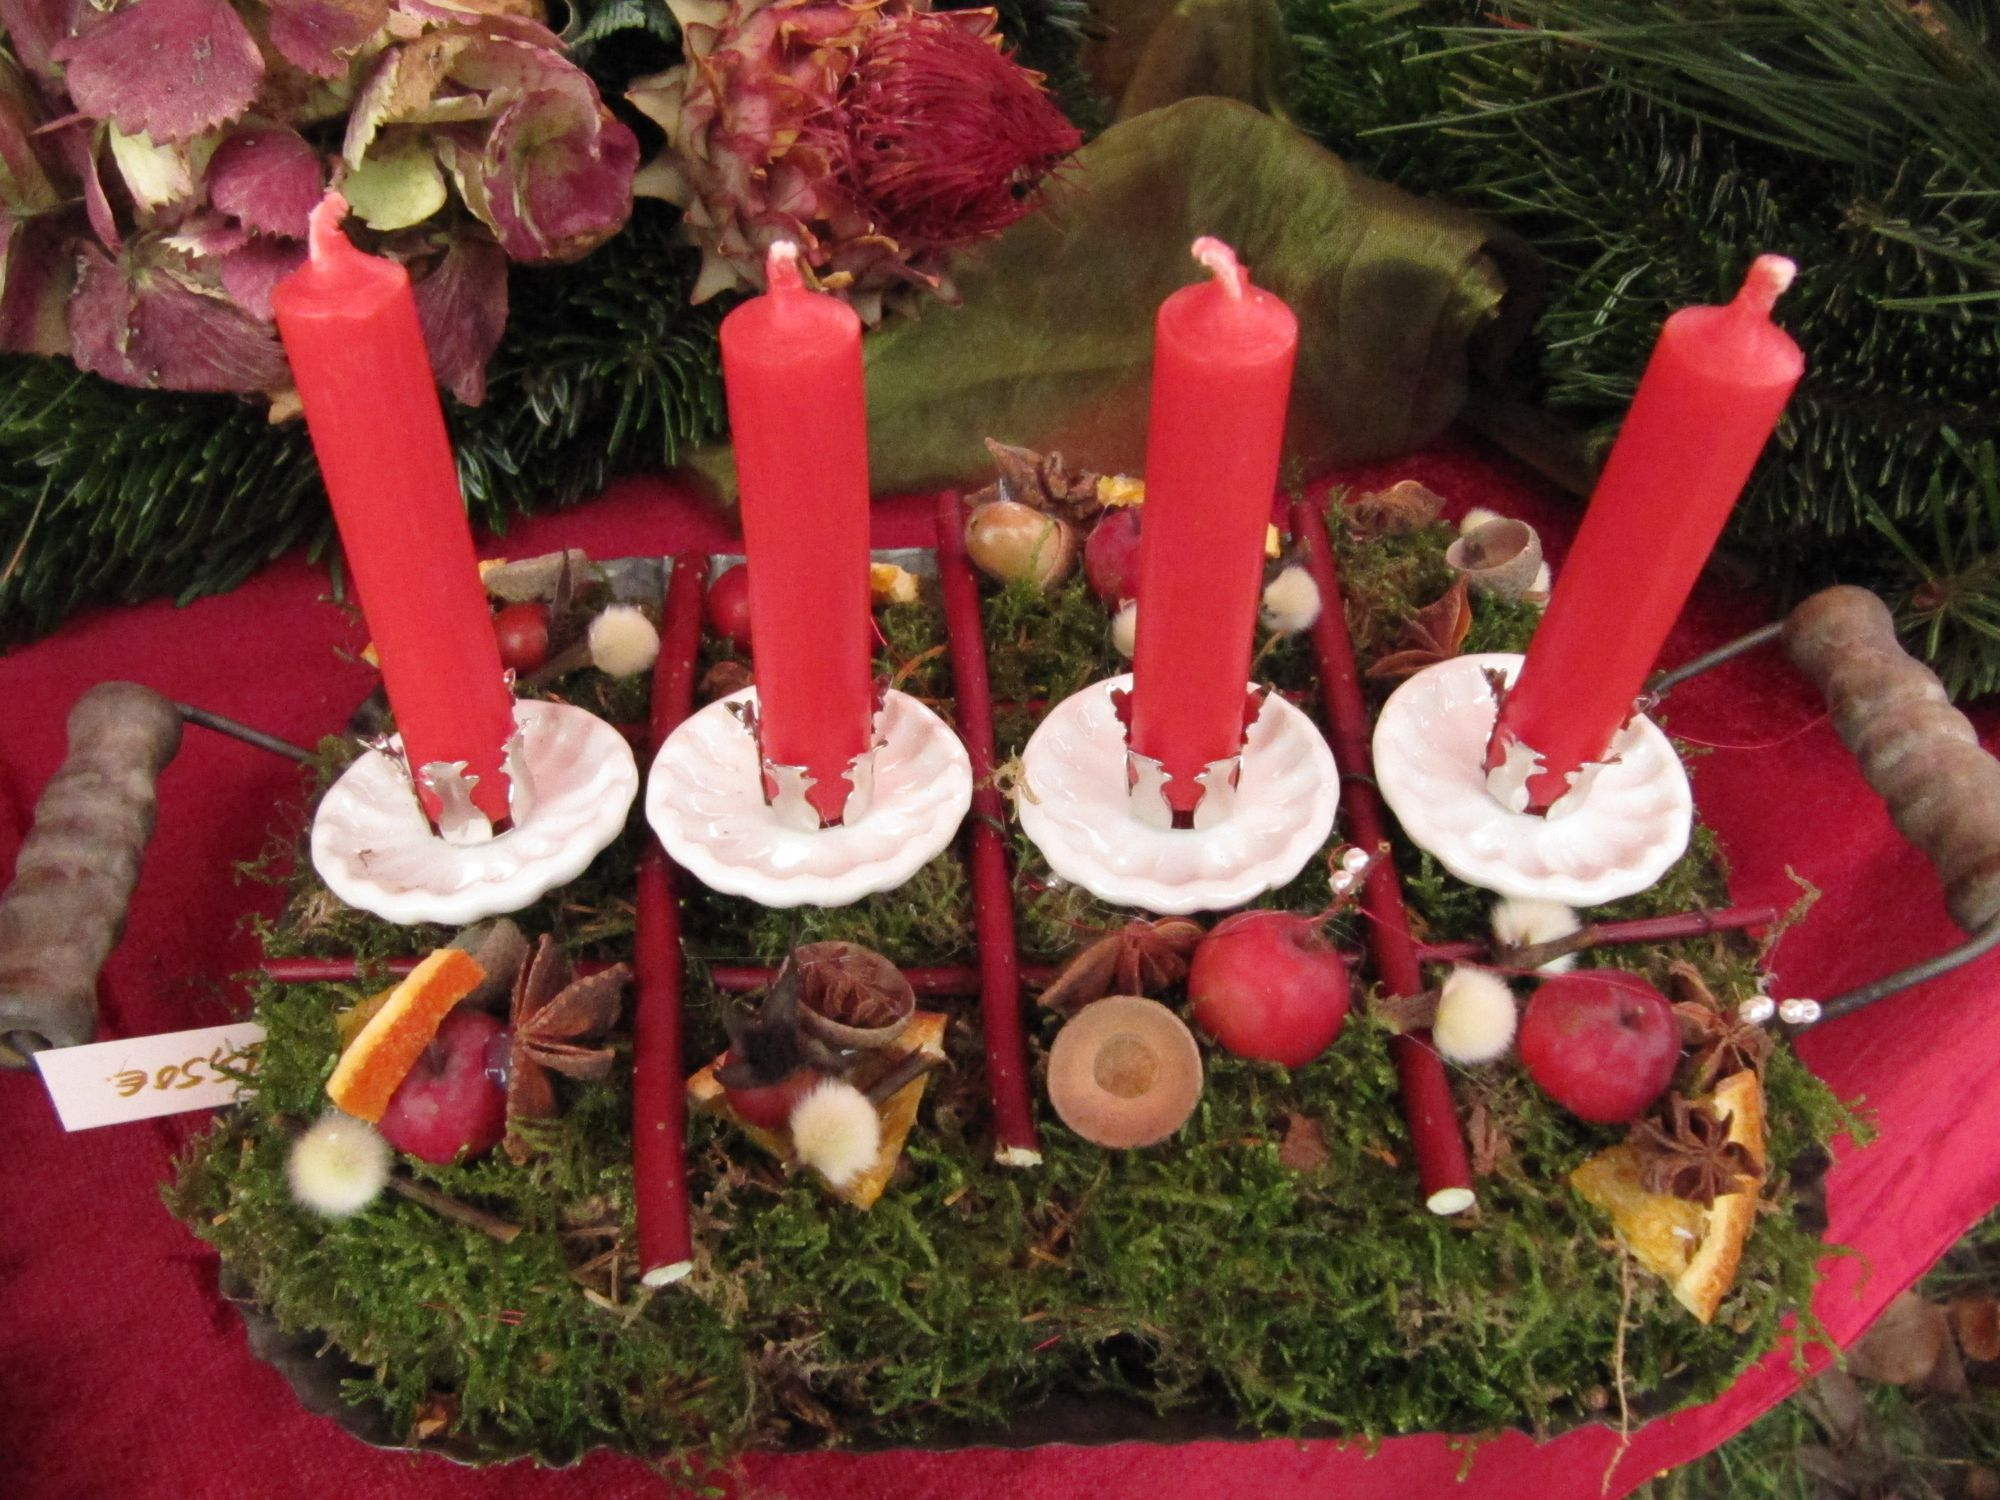 Bastelwerkstatt, Gartenseminare und kreativ Workshops für Kinder und Erwachsene in der GartenWerkstatt Berlin Ideen für Weihnachtliche Tischdeko Kerzenhalter